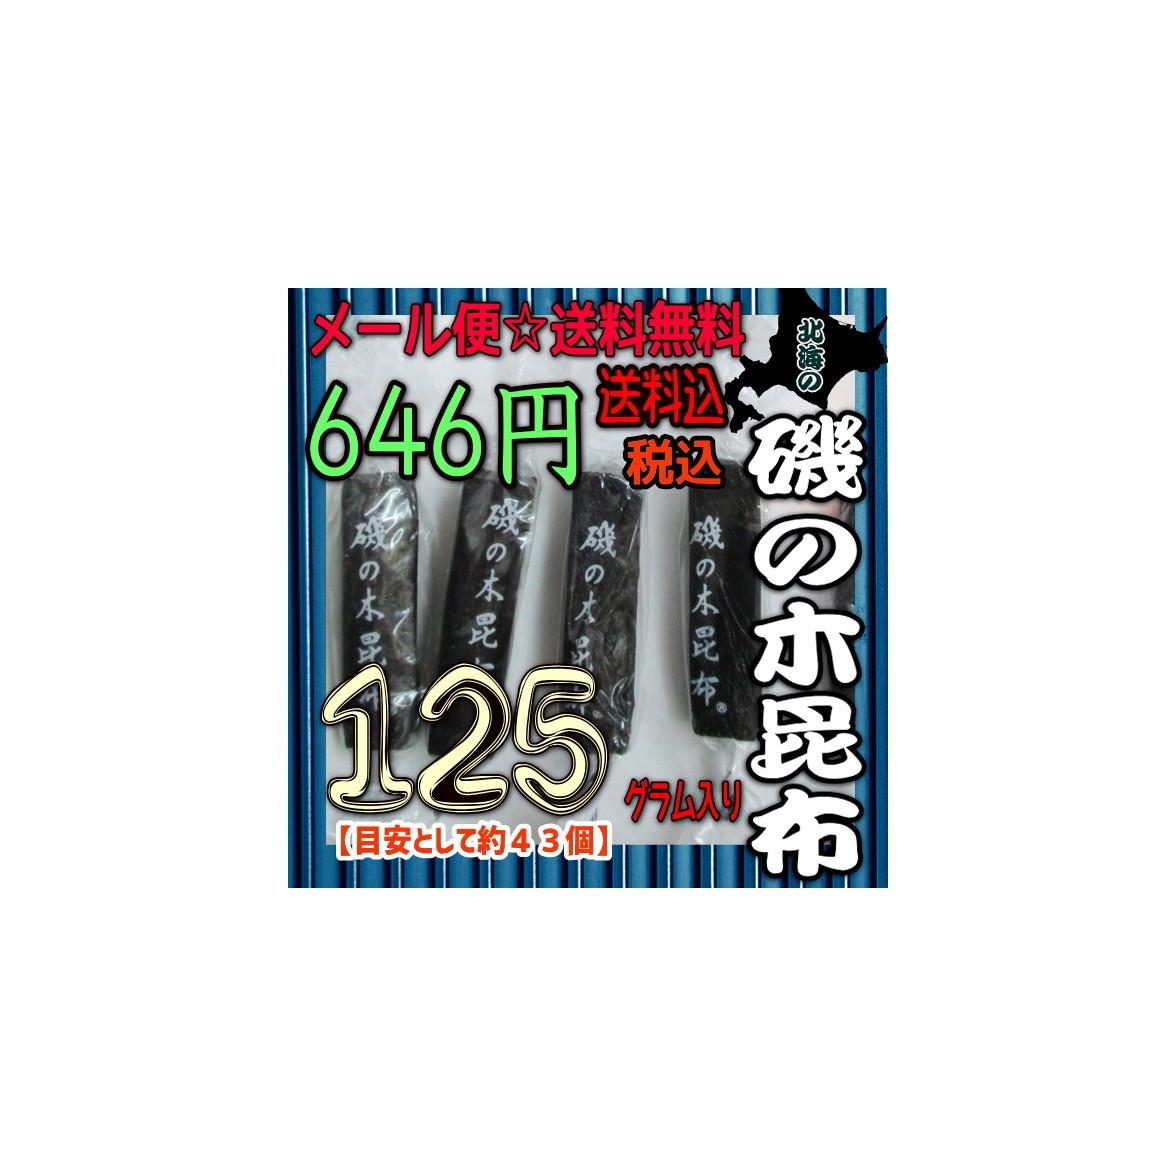 【メール便送料無料】ZRおかし企画 OE石井 125グラム【目安として約43個】 北海の磯の木昆布×1袋 +税 【ma】